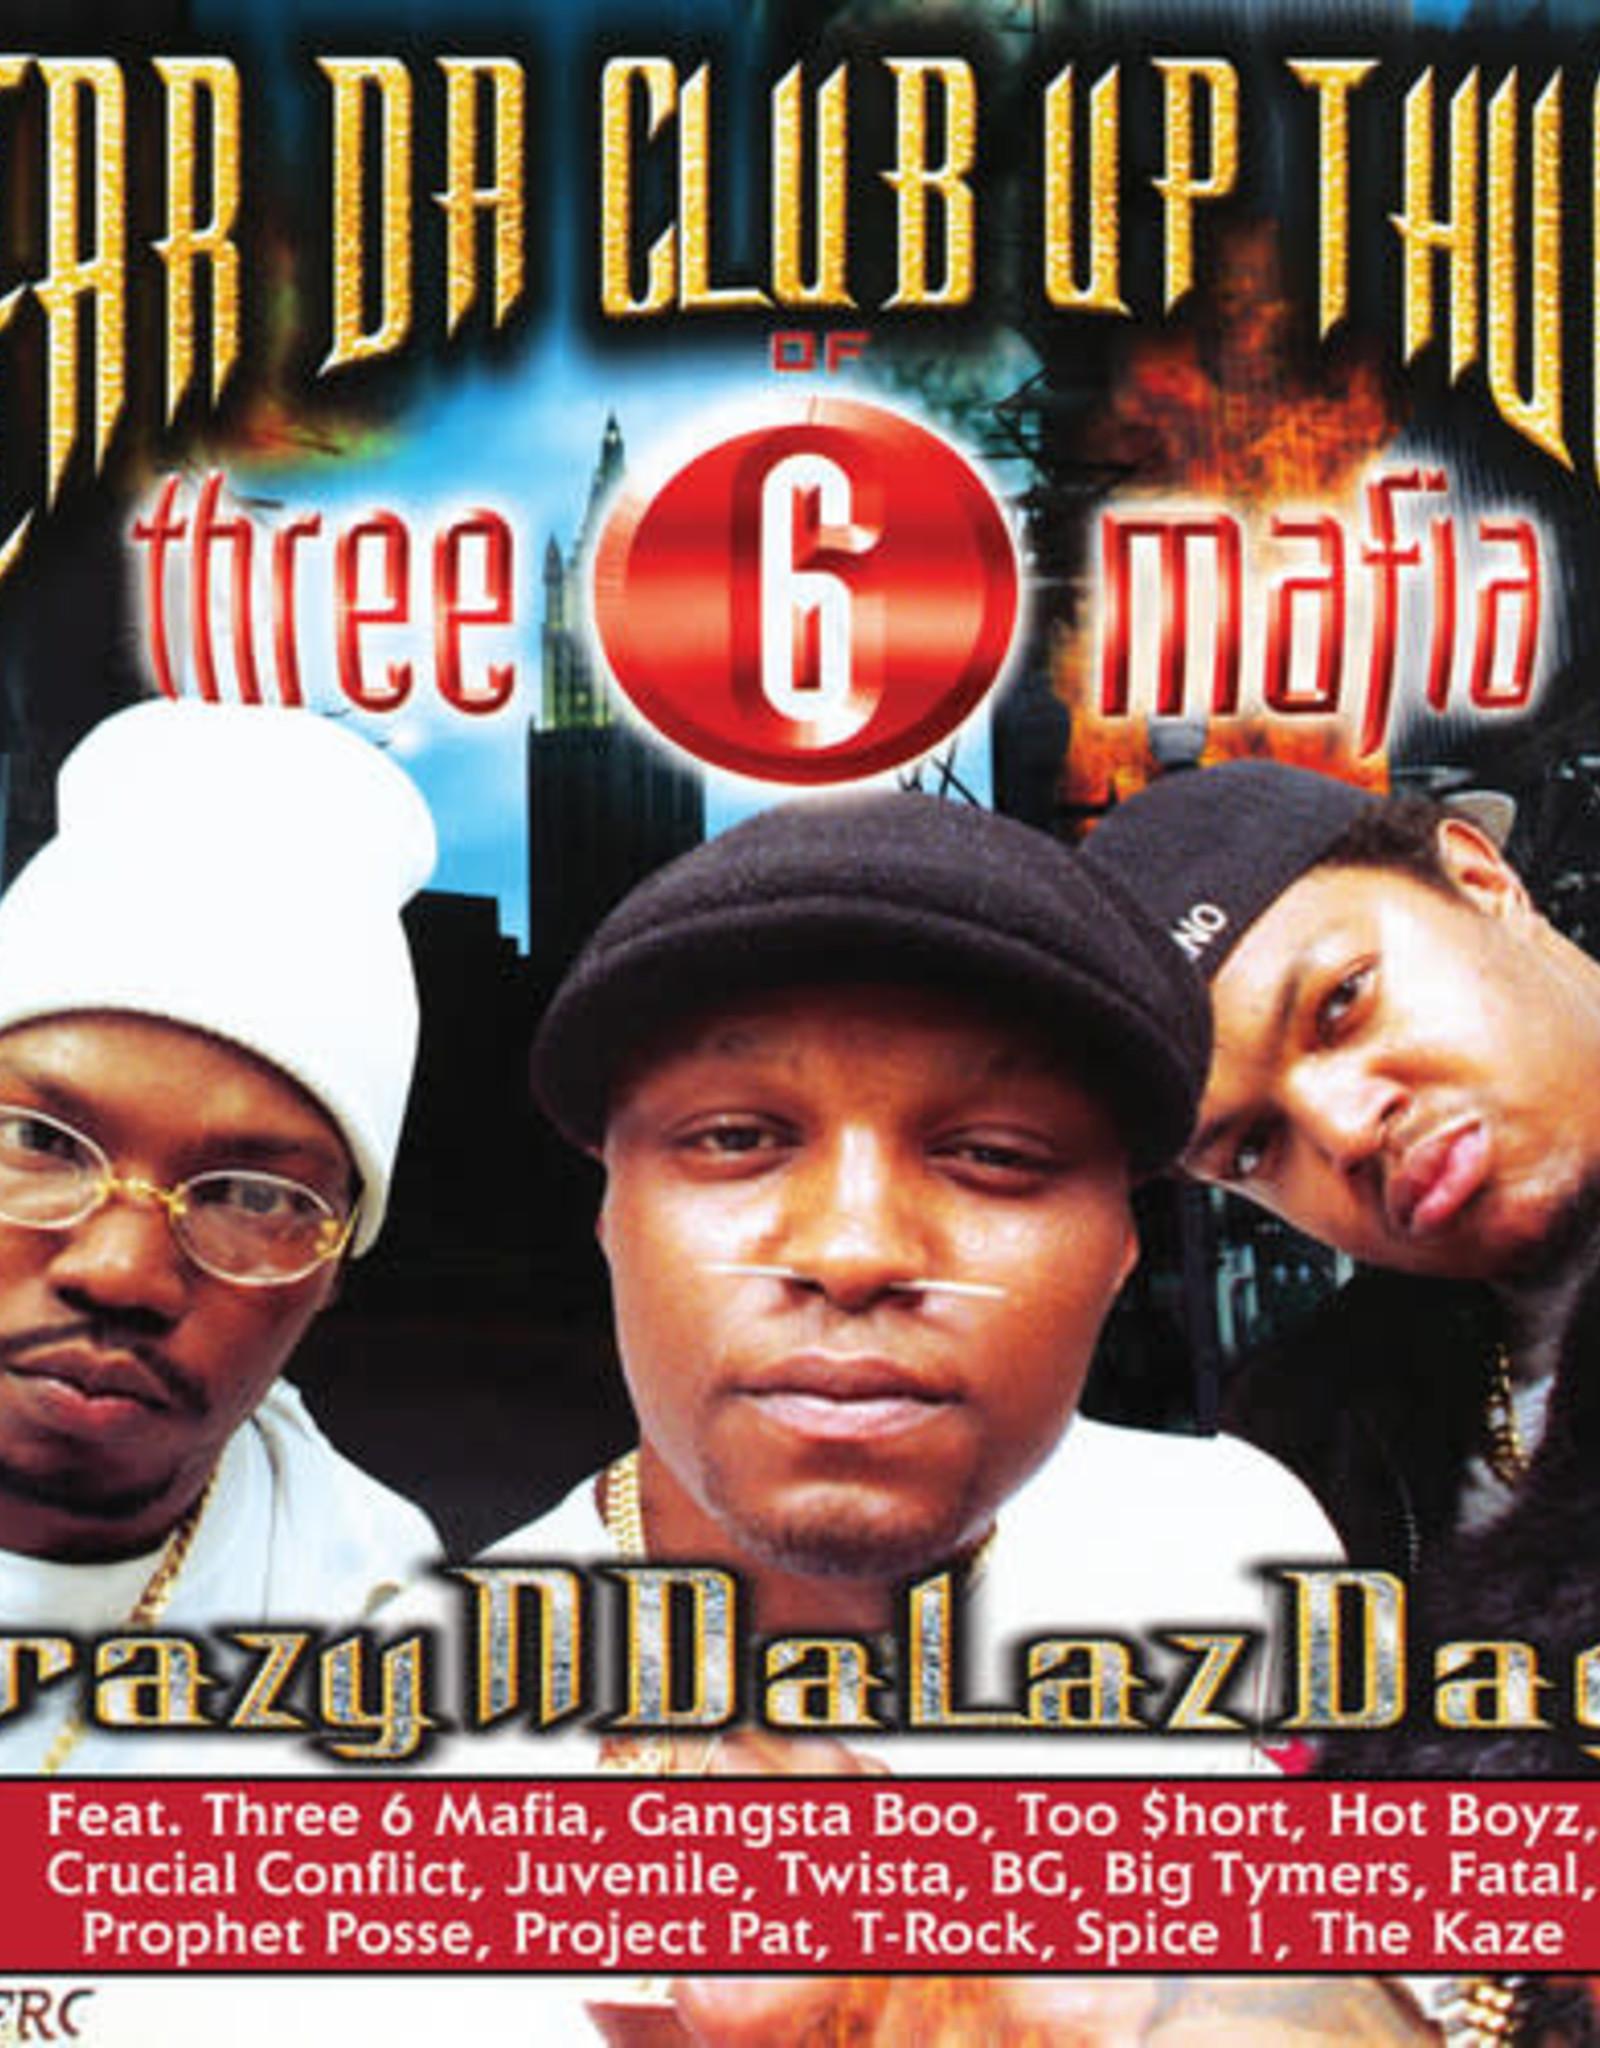 TEAR DA CLUB UP THUGS OF THREE 6 MAFIA - Crazyndalazdayz